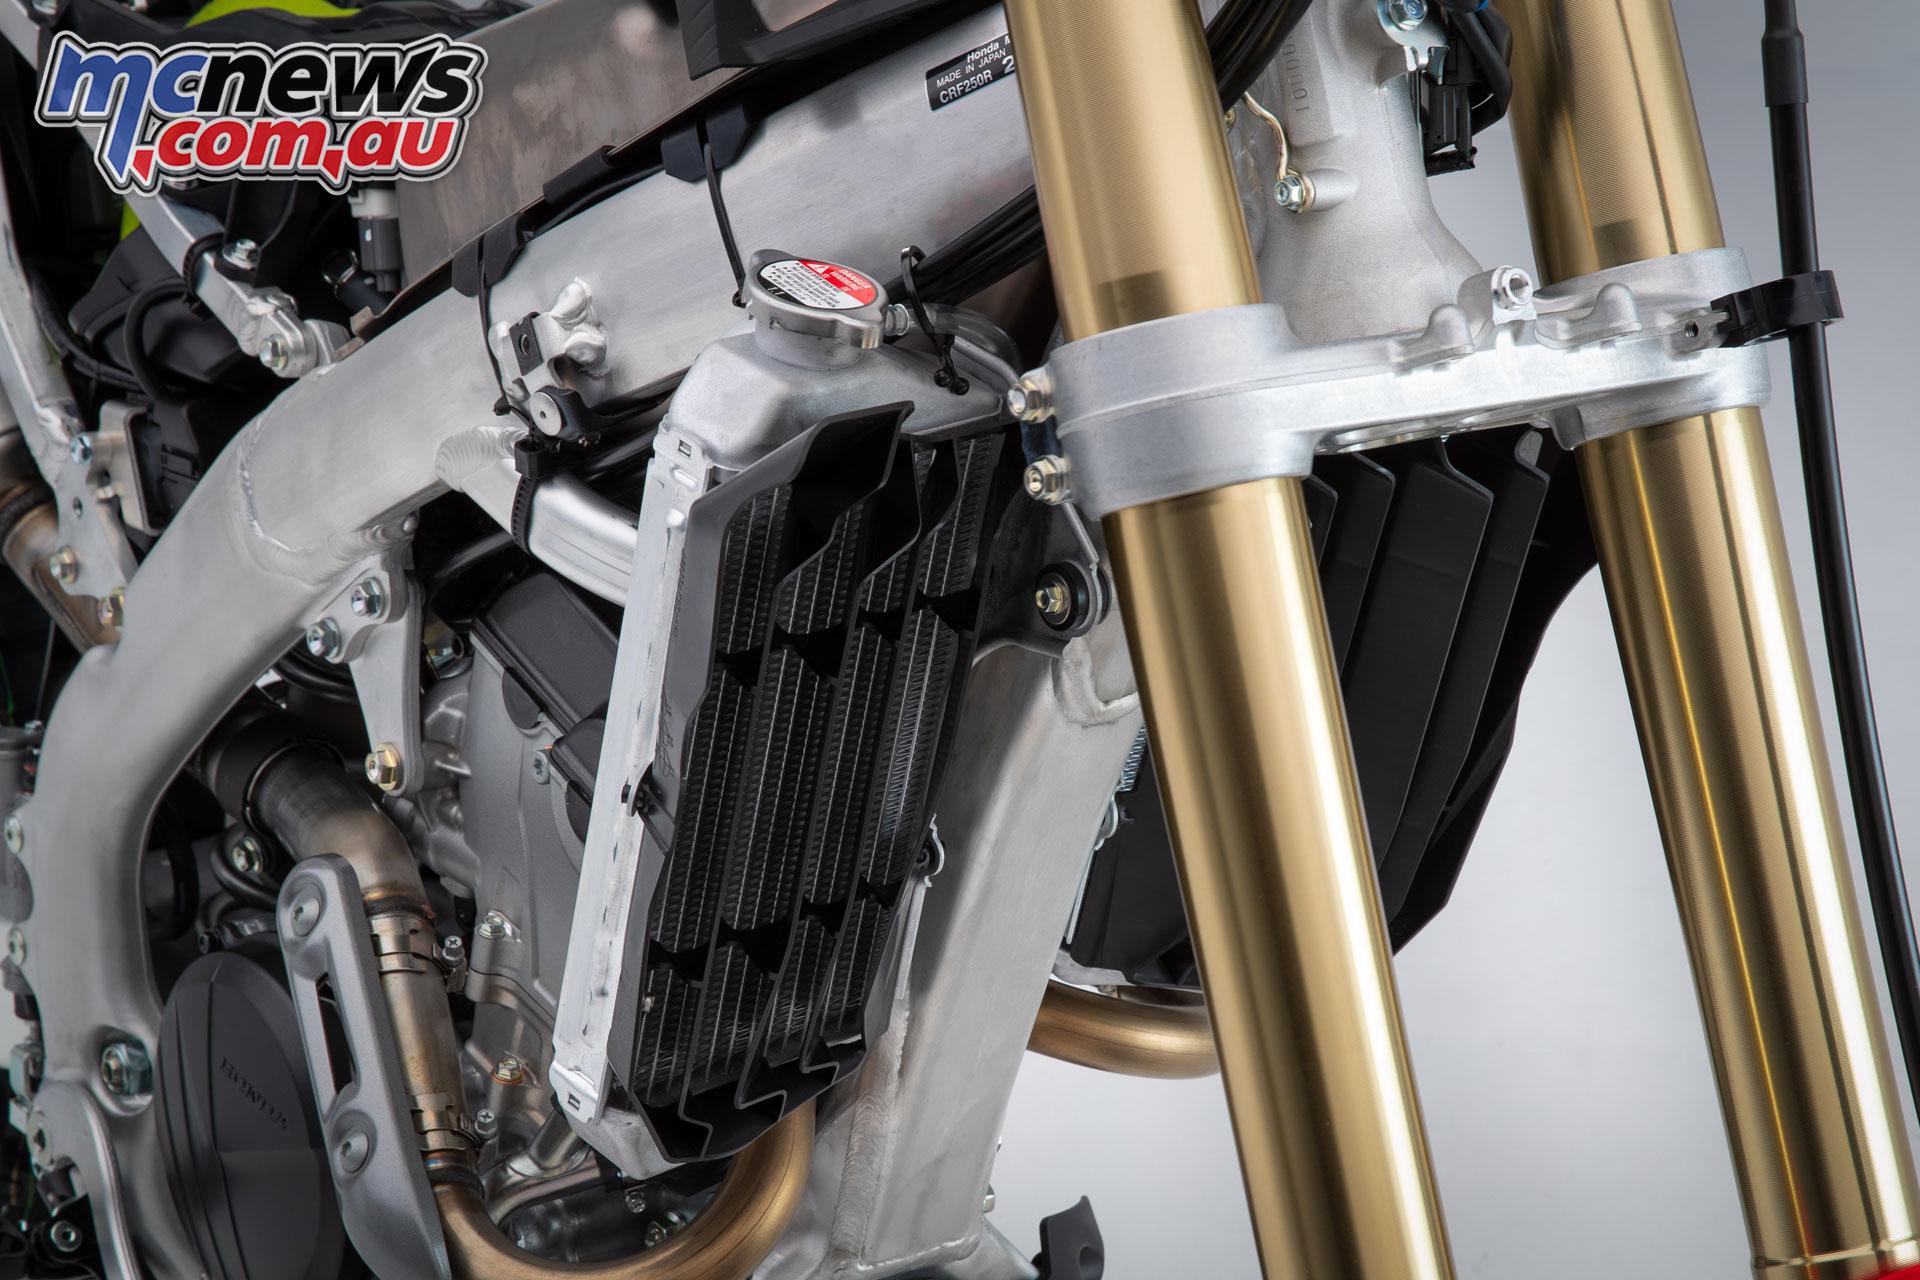 Honda CRFR fork